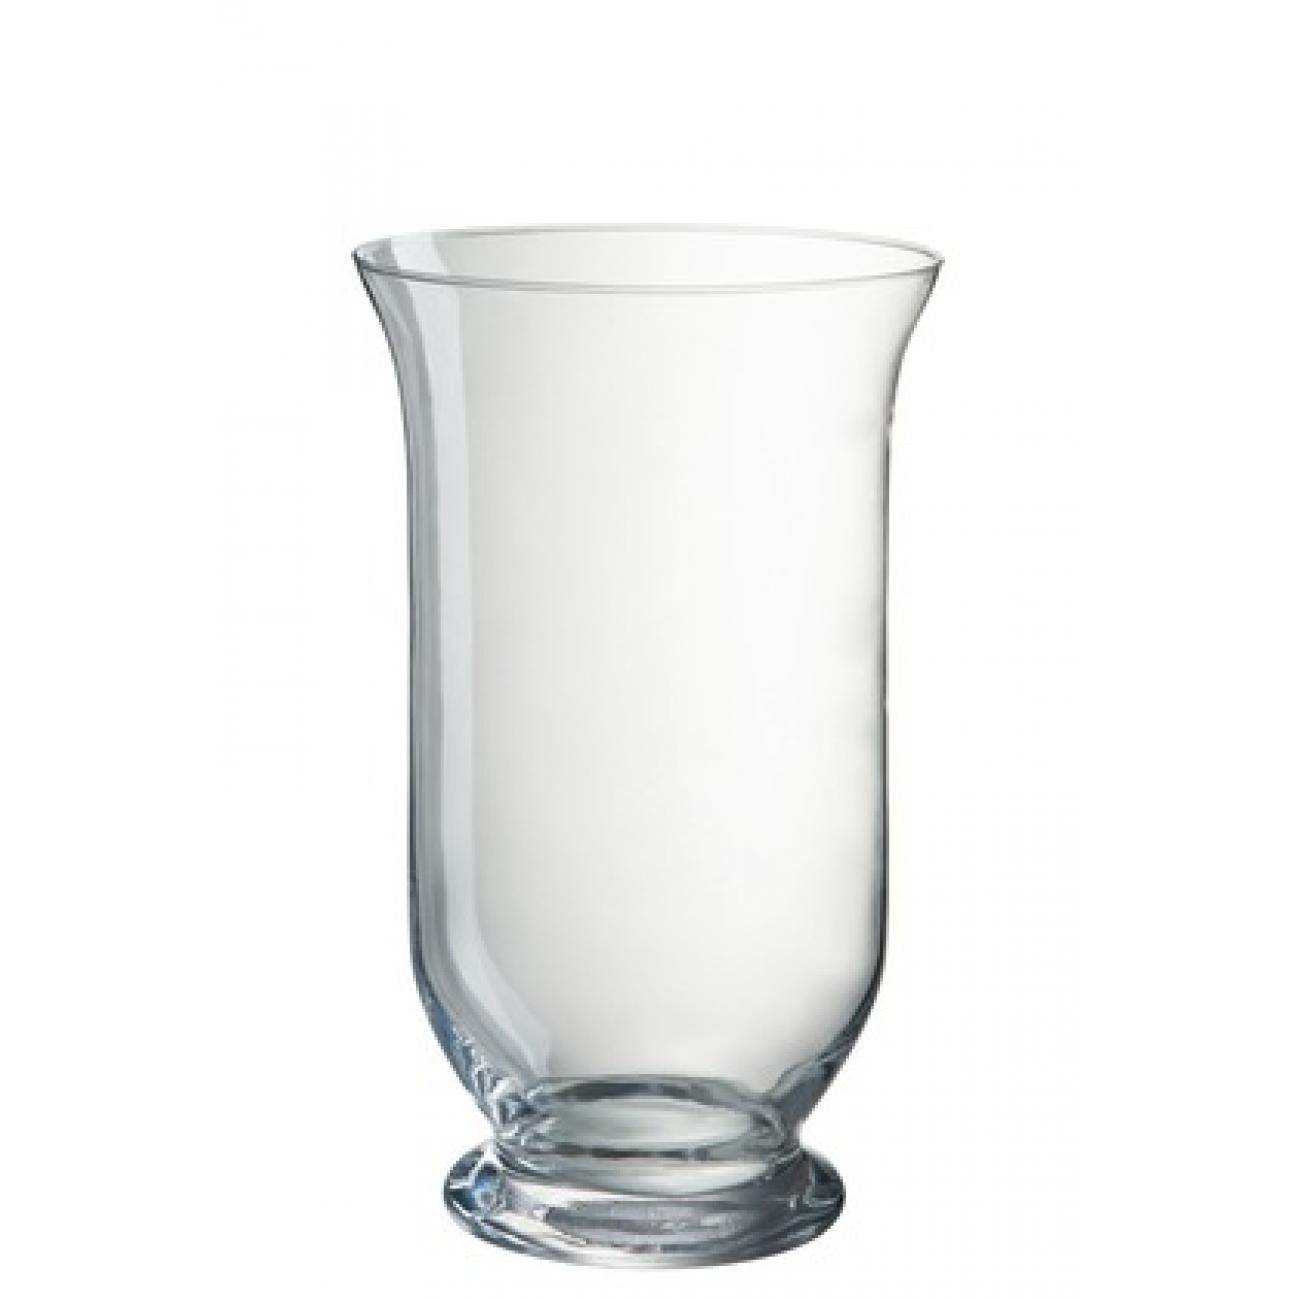 Ваза J-LINE стеклянная классической формы высота 25 см